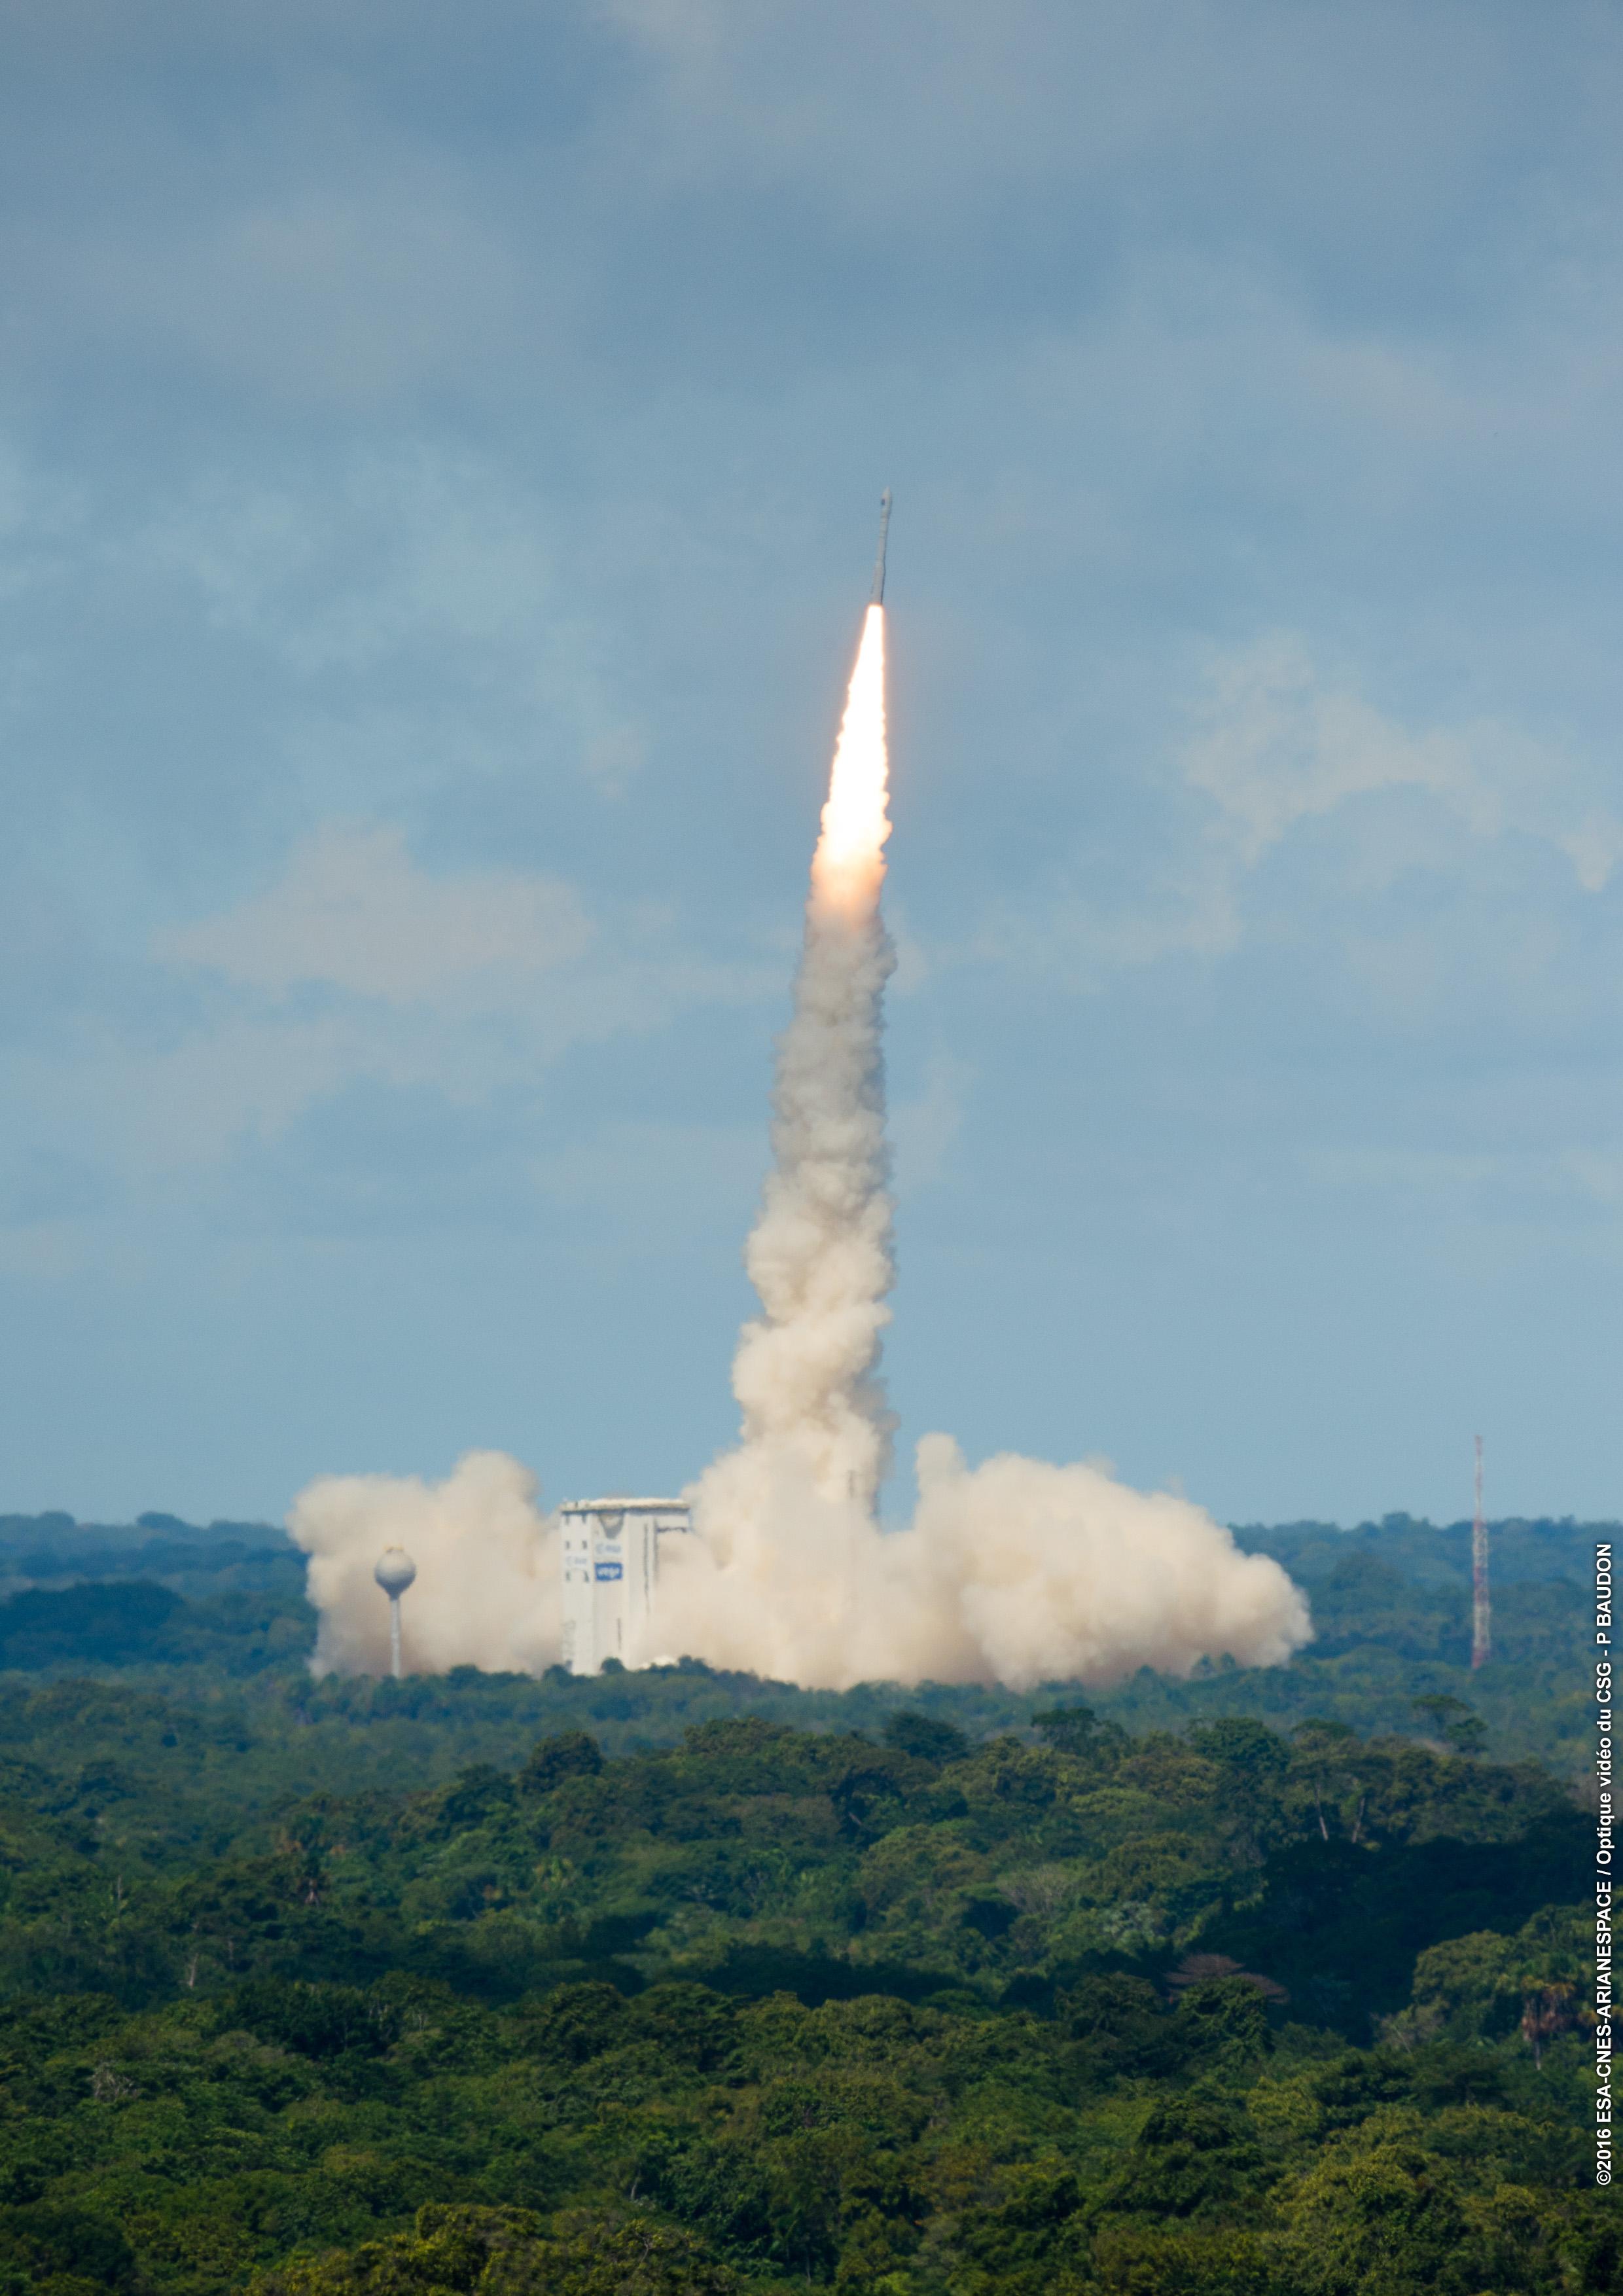 Vega, lancio rinviato al 21 giugno per condizioni meteo avverse